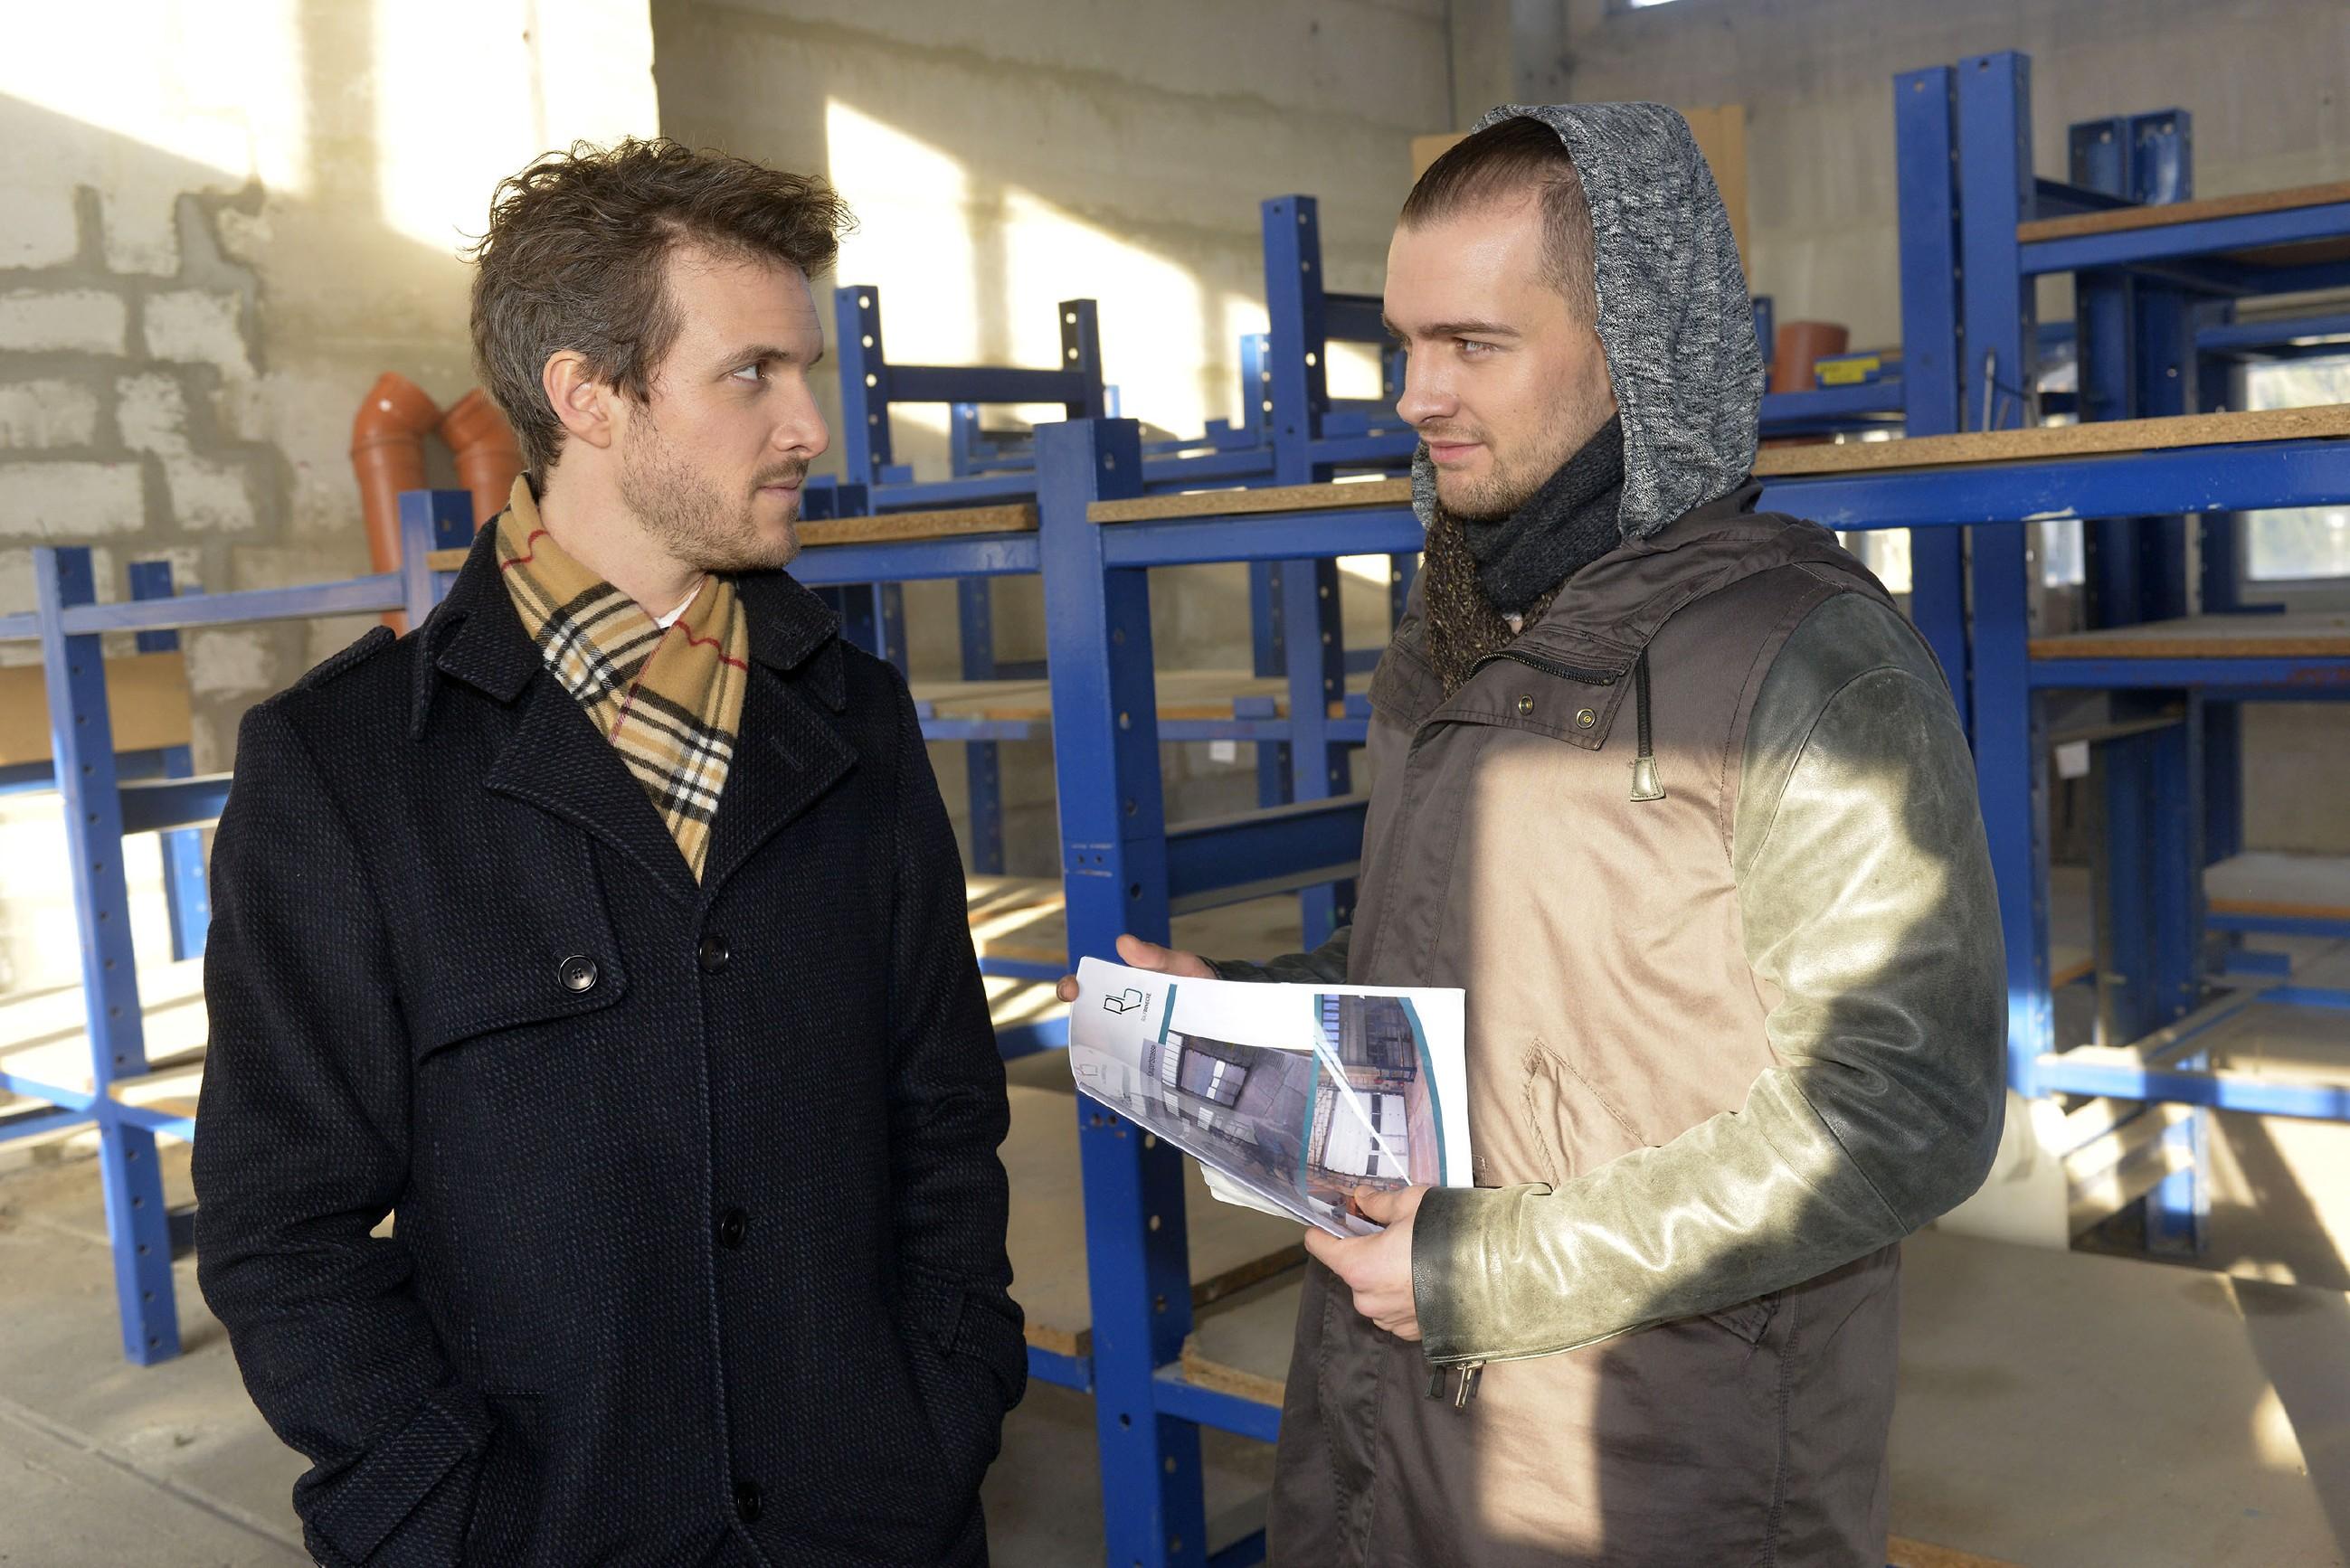 Als Chris (Eric Stehfest, r.) sich erstmals klar auf Felix' (Thaddäus Meilinger) Seite stellt, gerät sein Bruder ins Hadern. Wird Felix seine Rachepläne verwerfen? (RTL / Rolf Baumgartner)